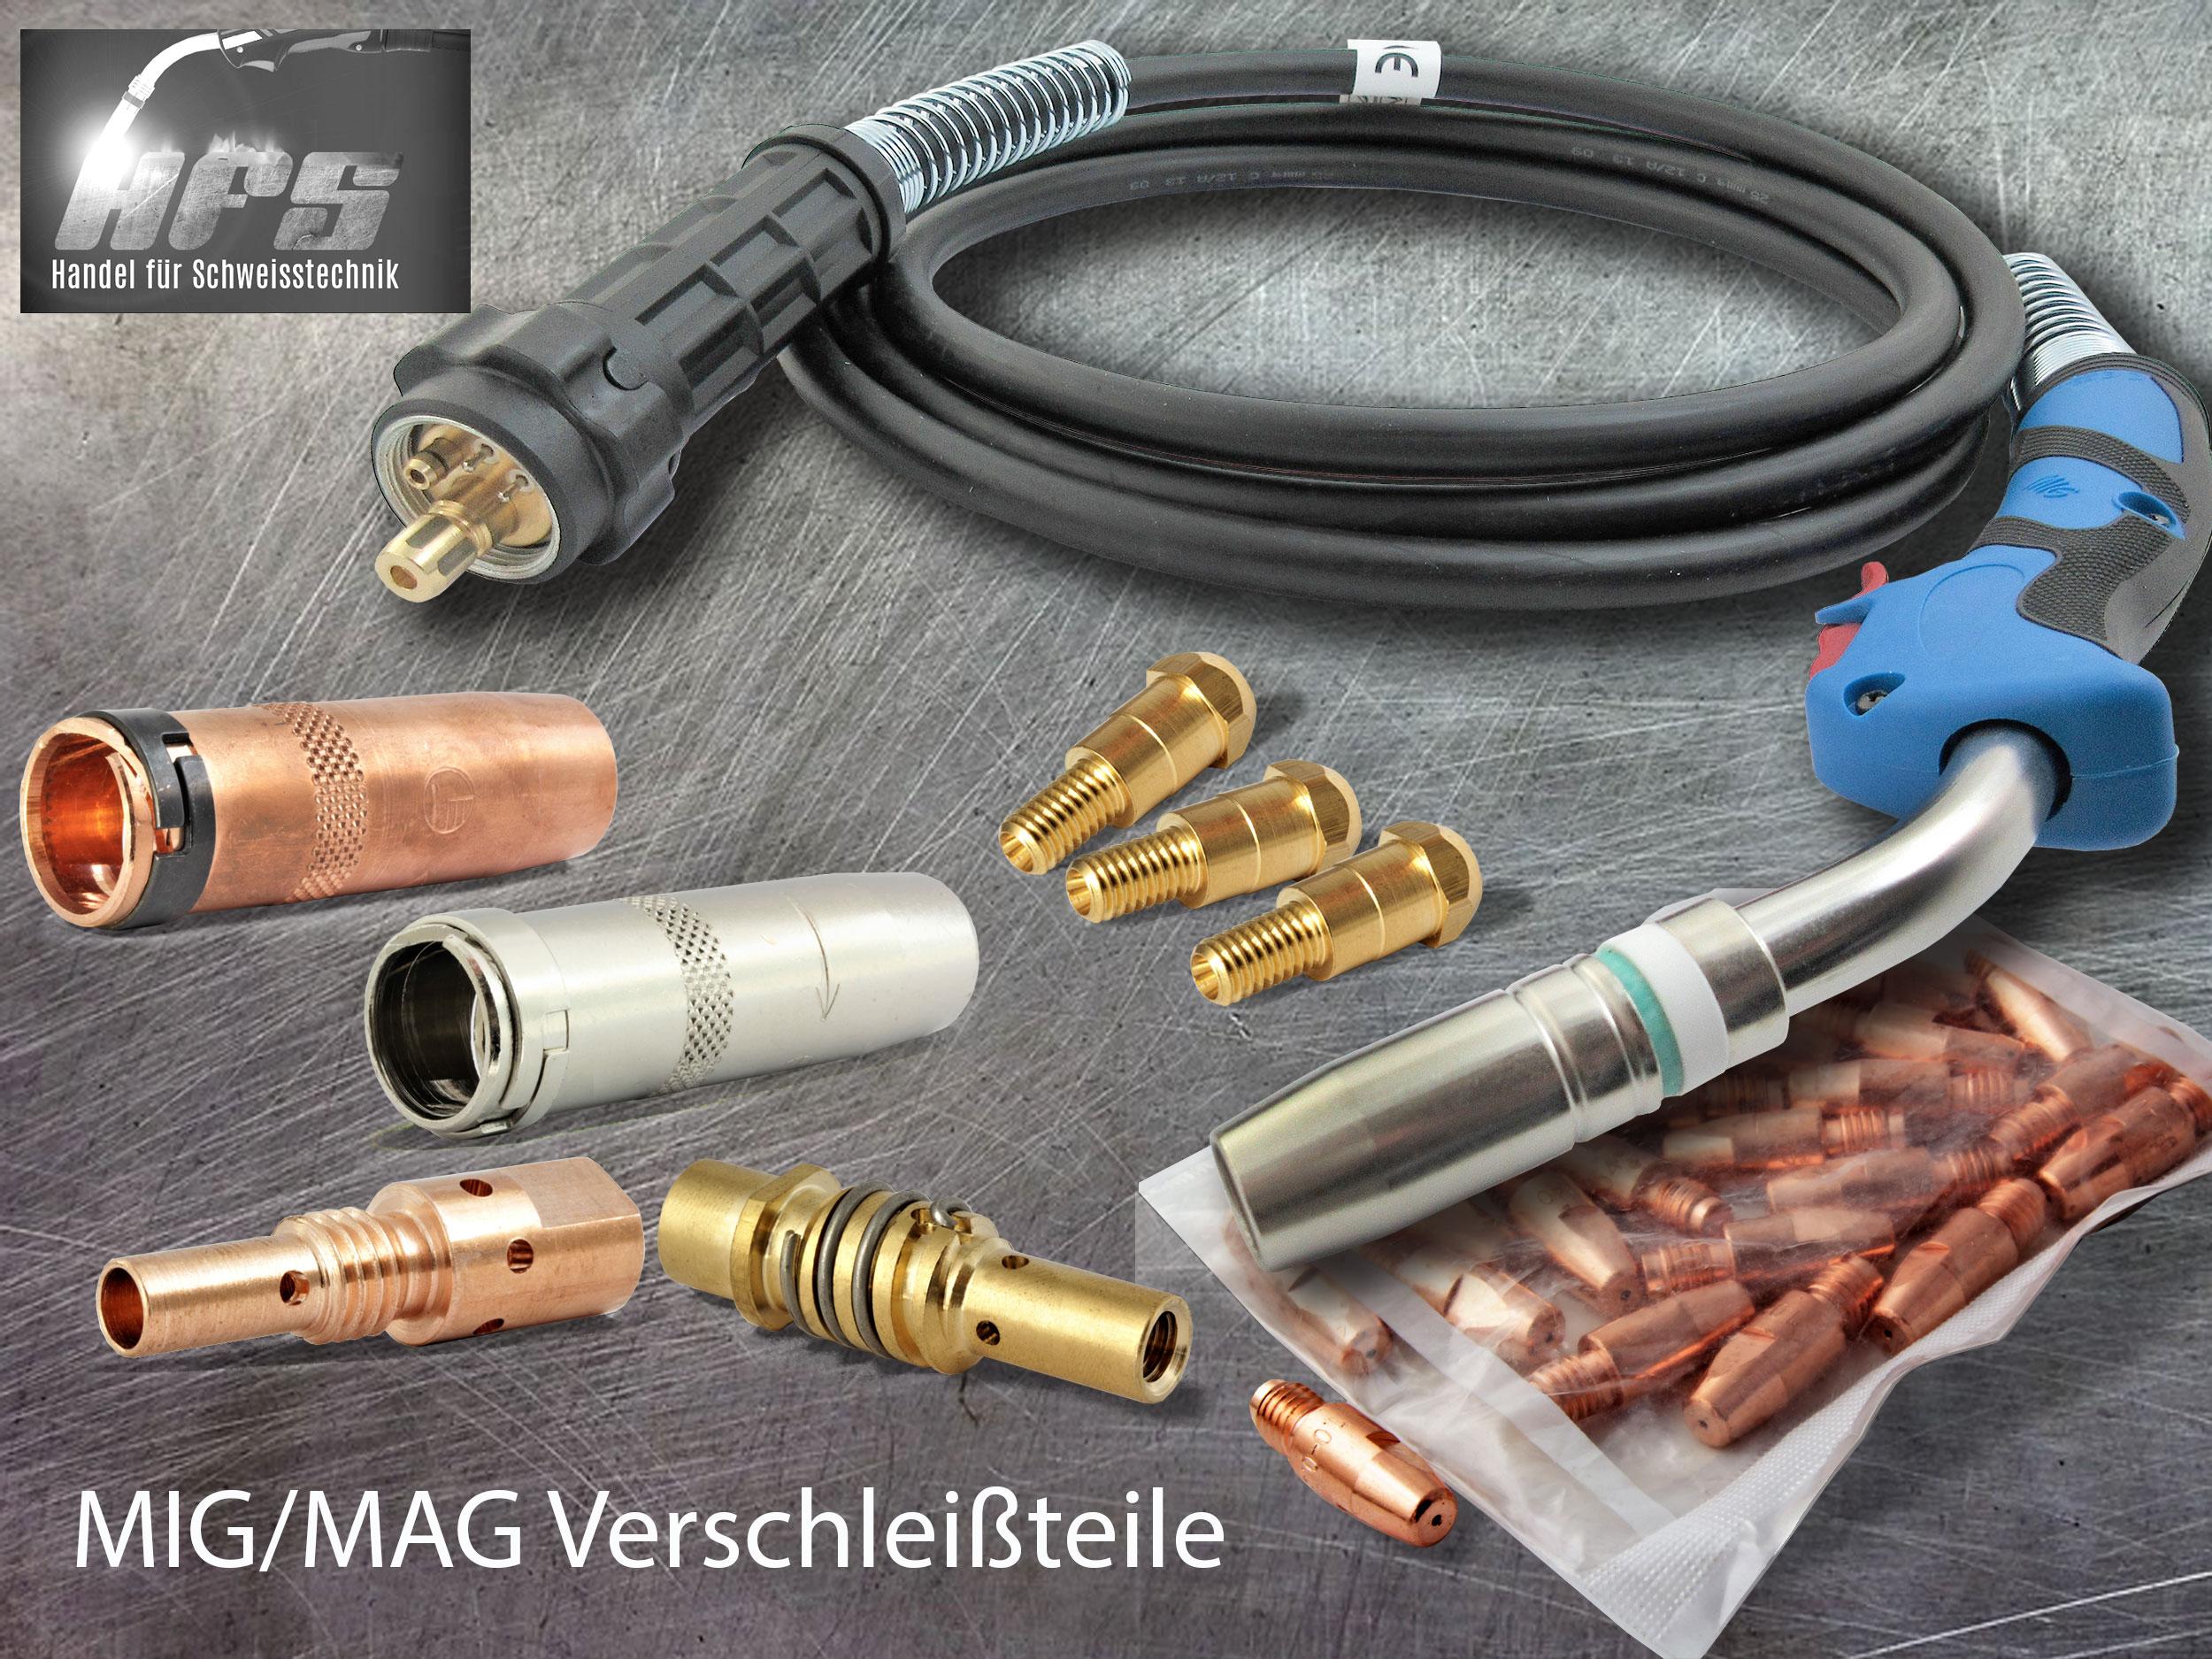 MIG/MAG Zubehör Ersatzteile Verbrauchsmaterial Verschleißteile Schweißzubehör